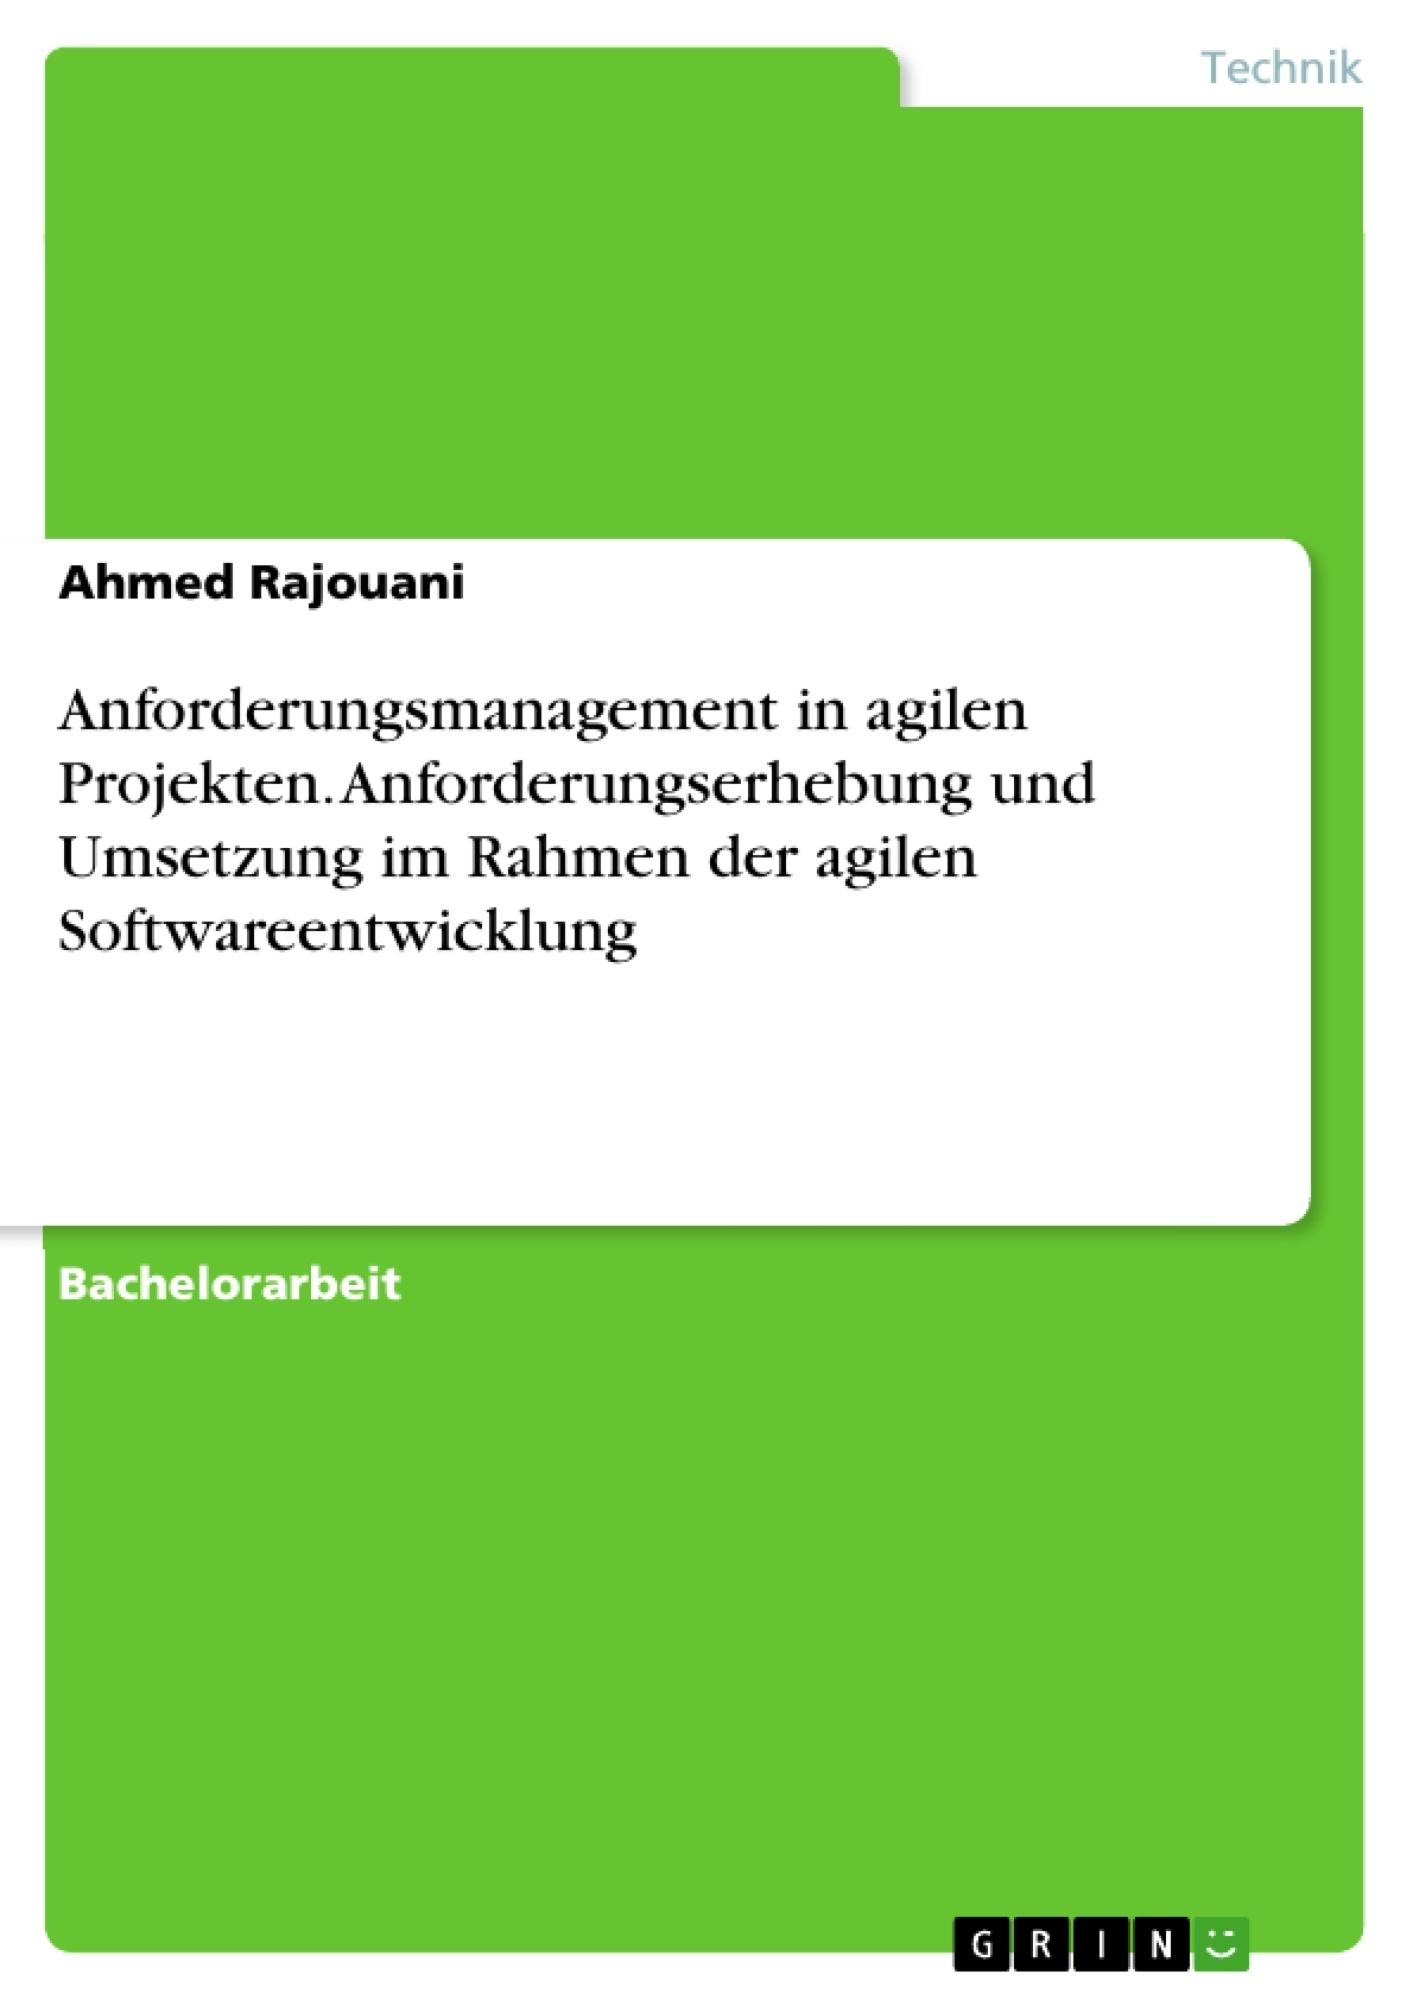 Titel: Anforderungsmanagement in agilen Projekten. Anforderungserhebung und Umsetzung im Rahmen der agilen Softwareentwicklung